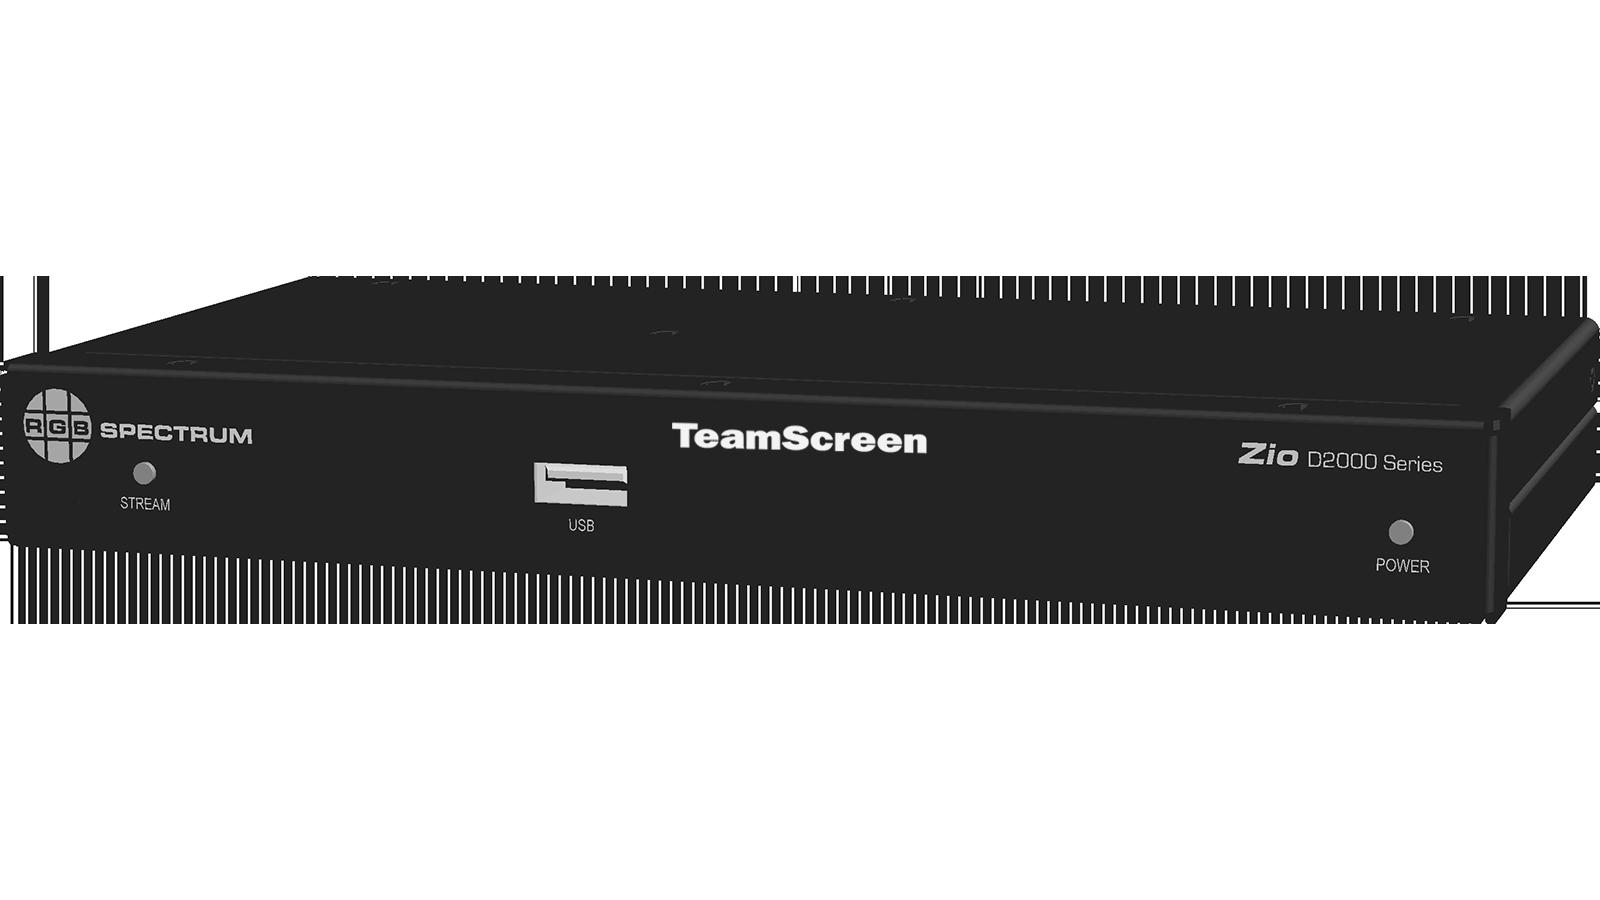 TeamScreen D2000 front